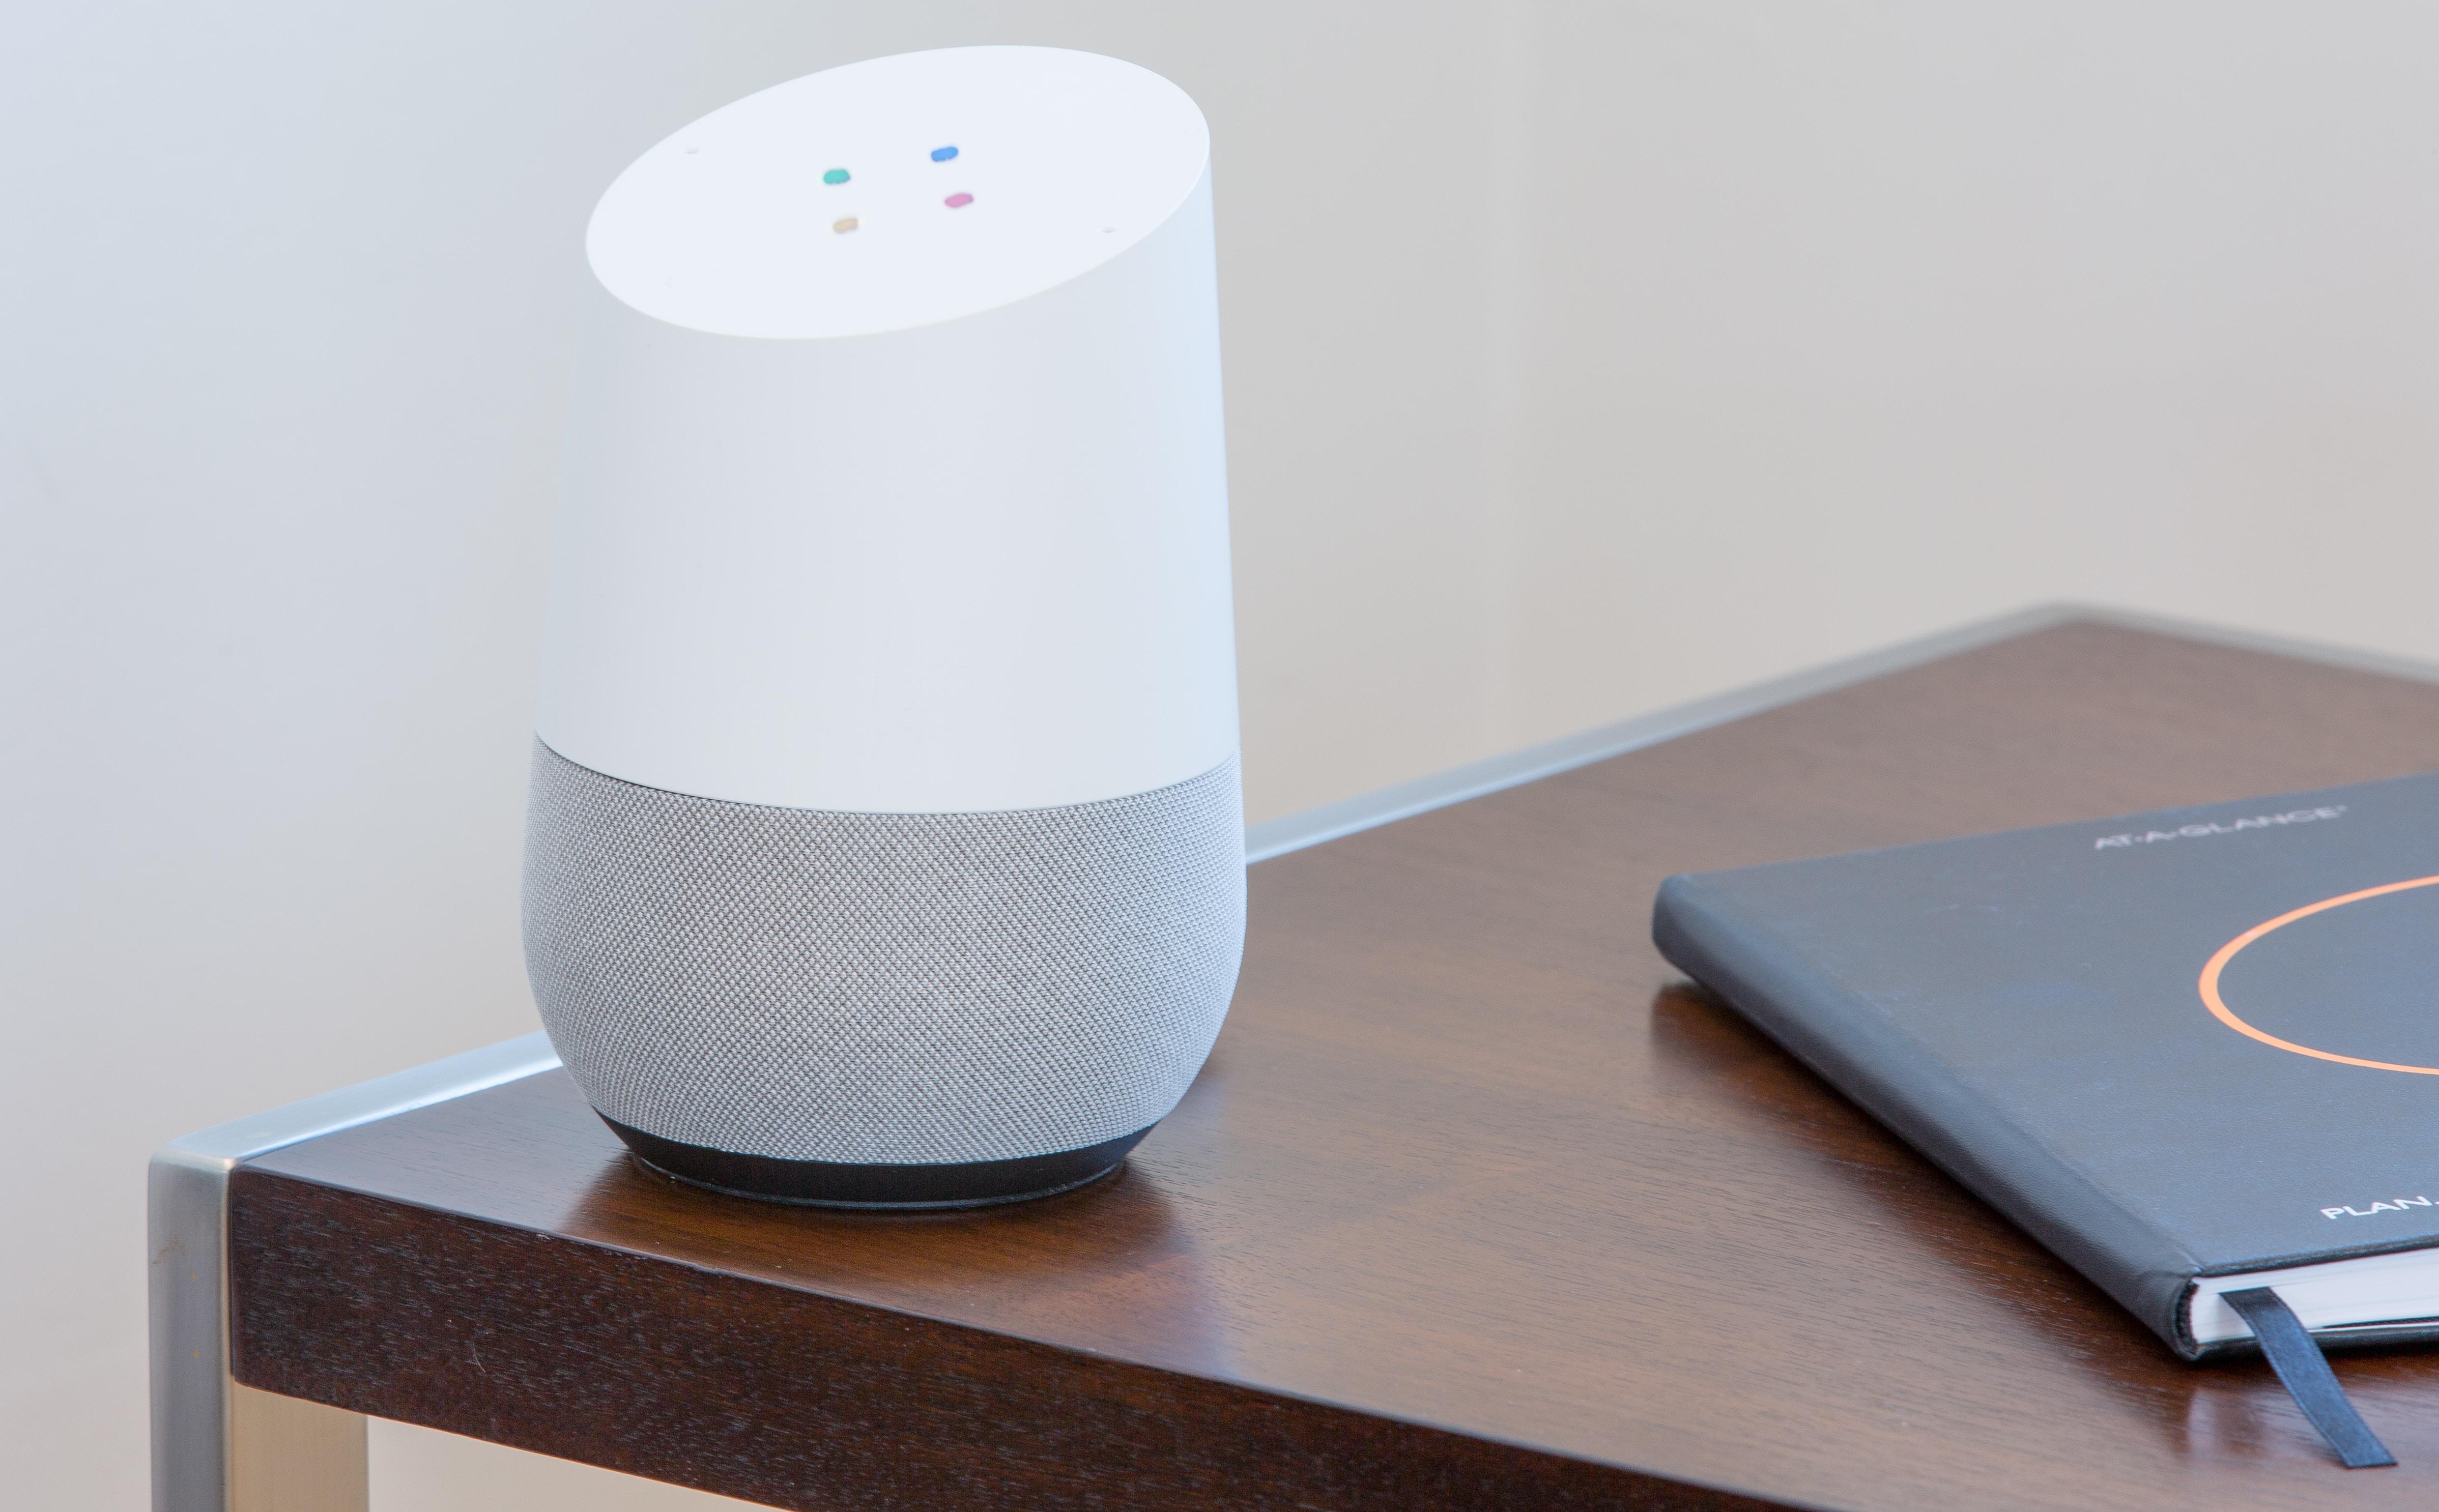 Google Home speaker kopen in Nederland 2018